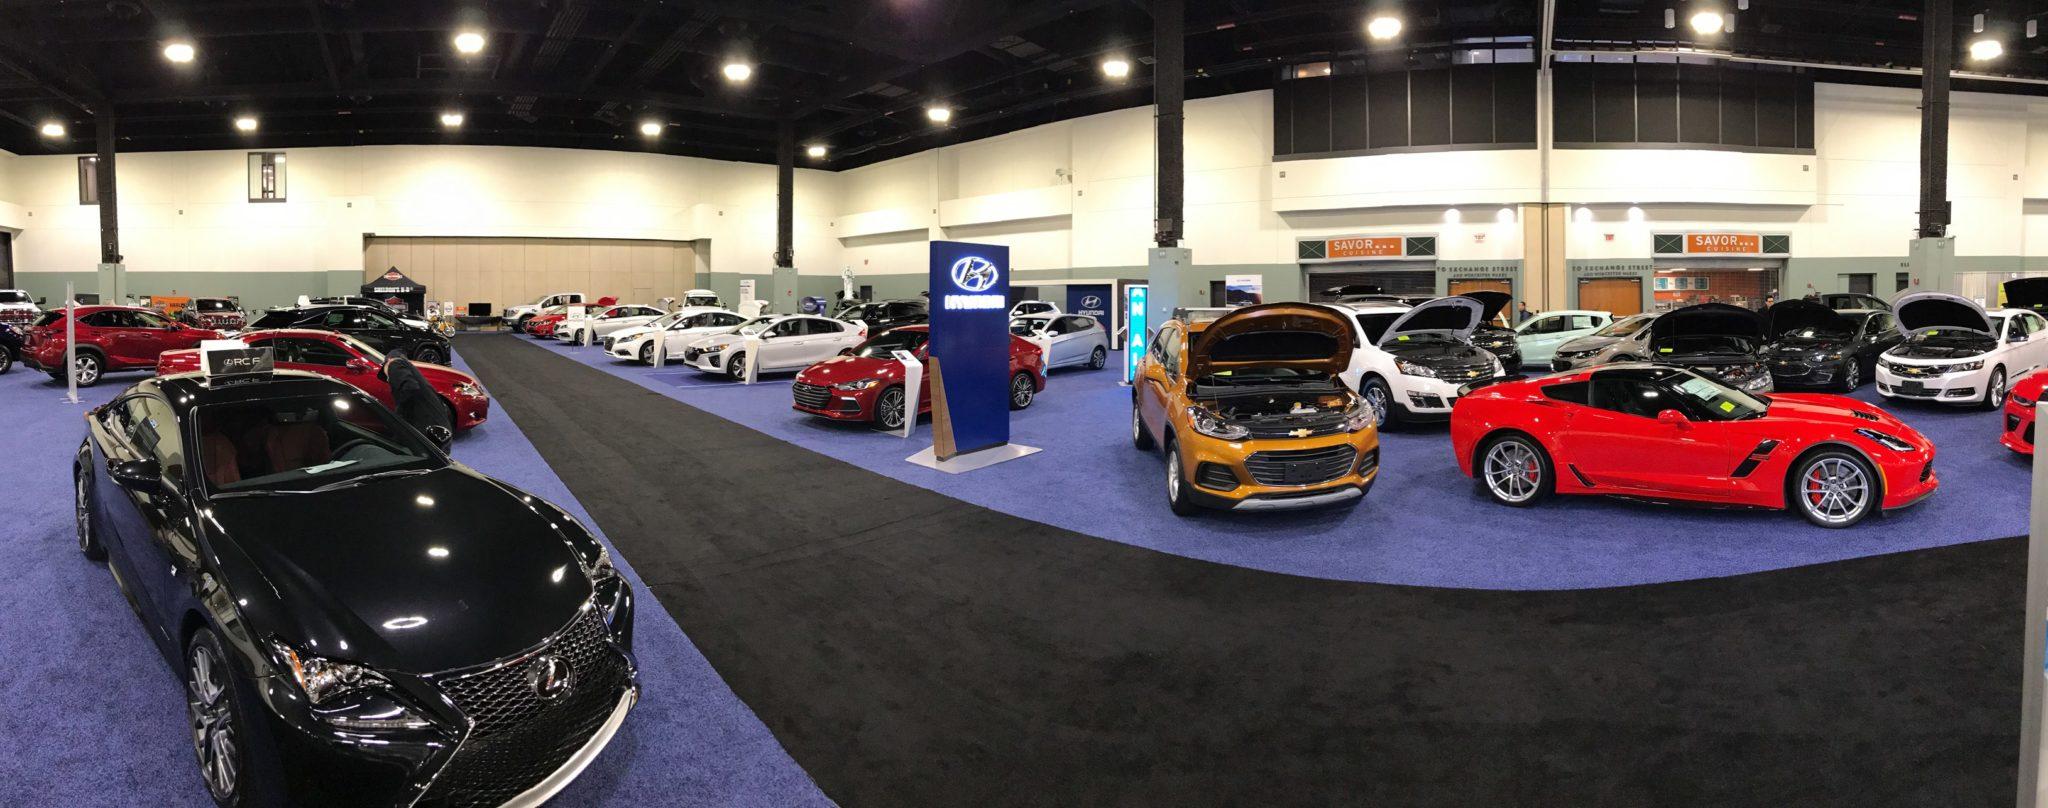 MA Worcester Auto Show NewEnglandAutoShowscom - Dcu center car show